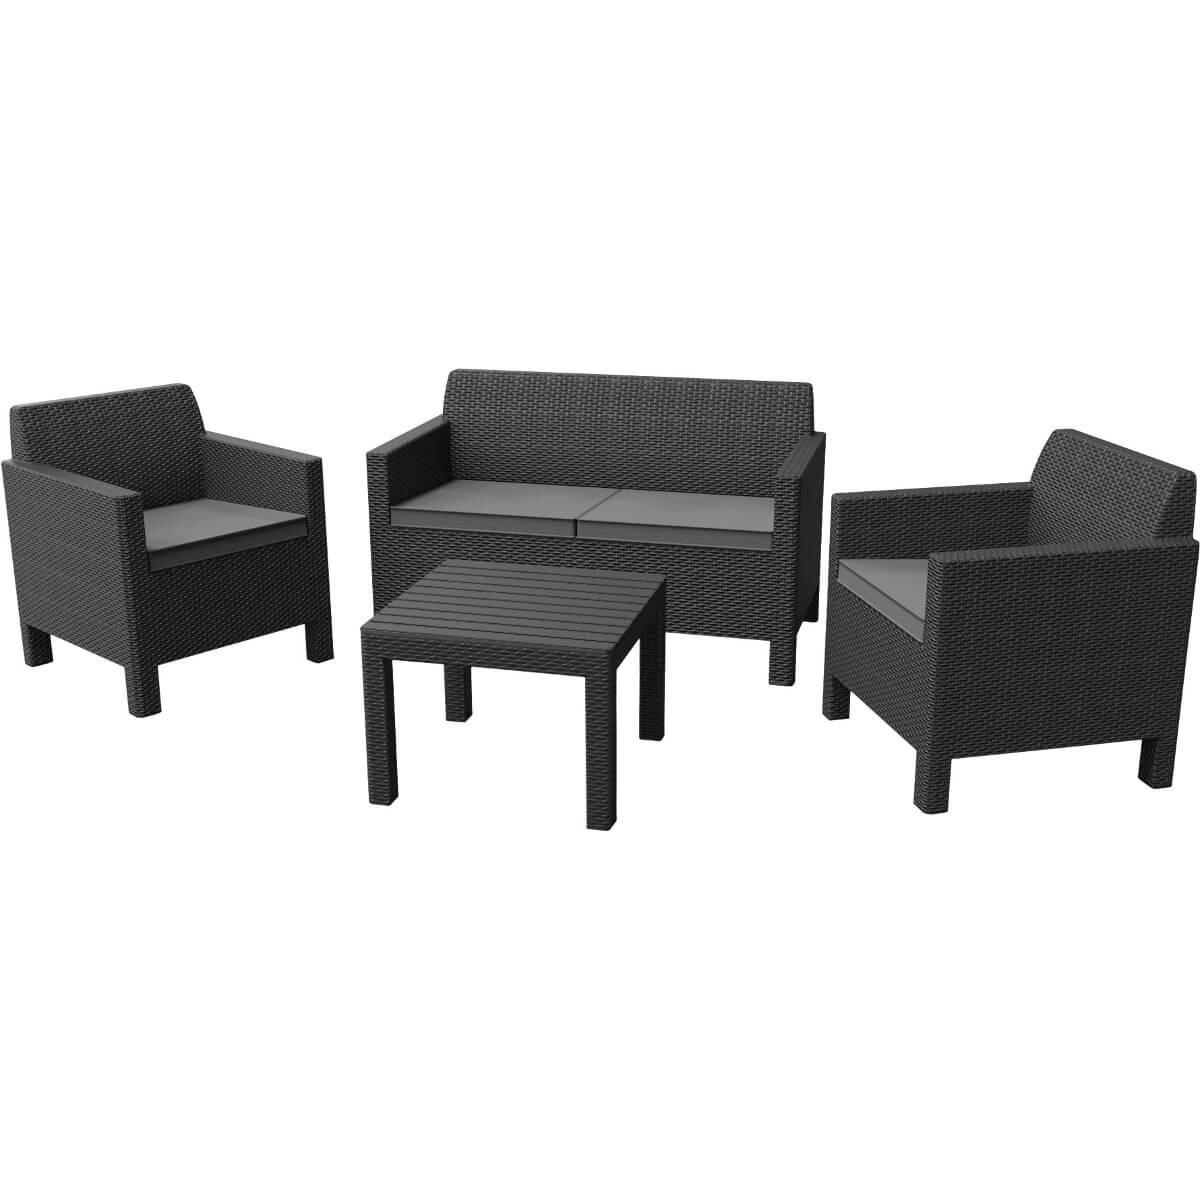 Комплект мебели Allibert Orlando Small Table 17202809